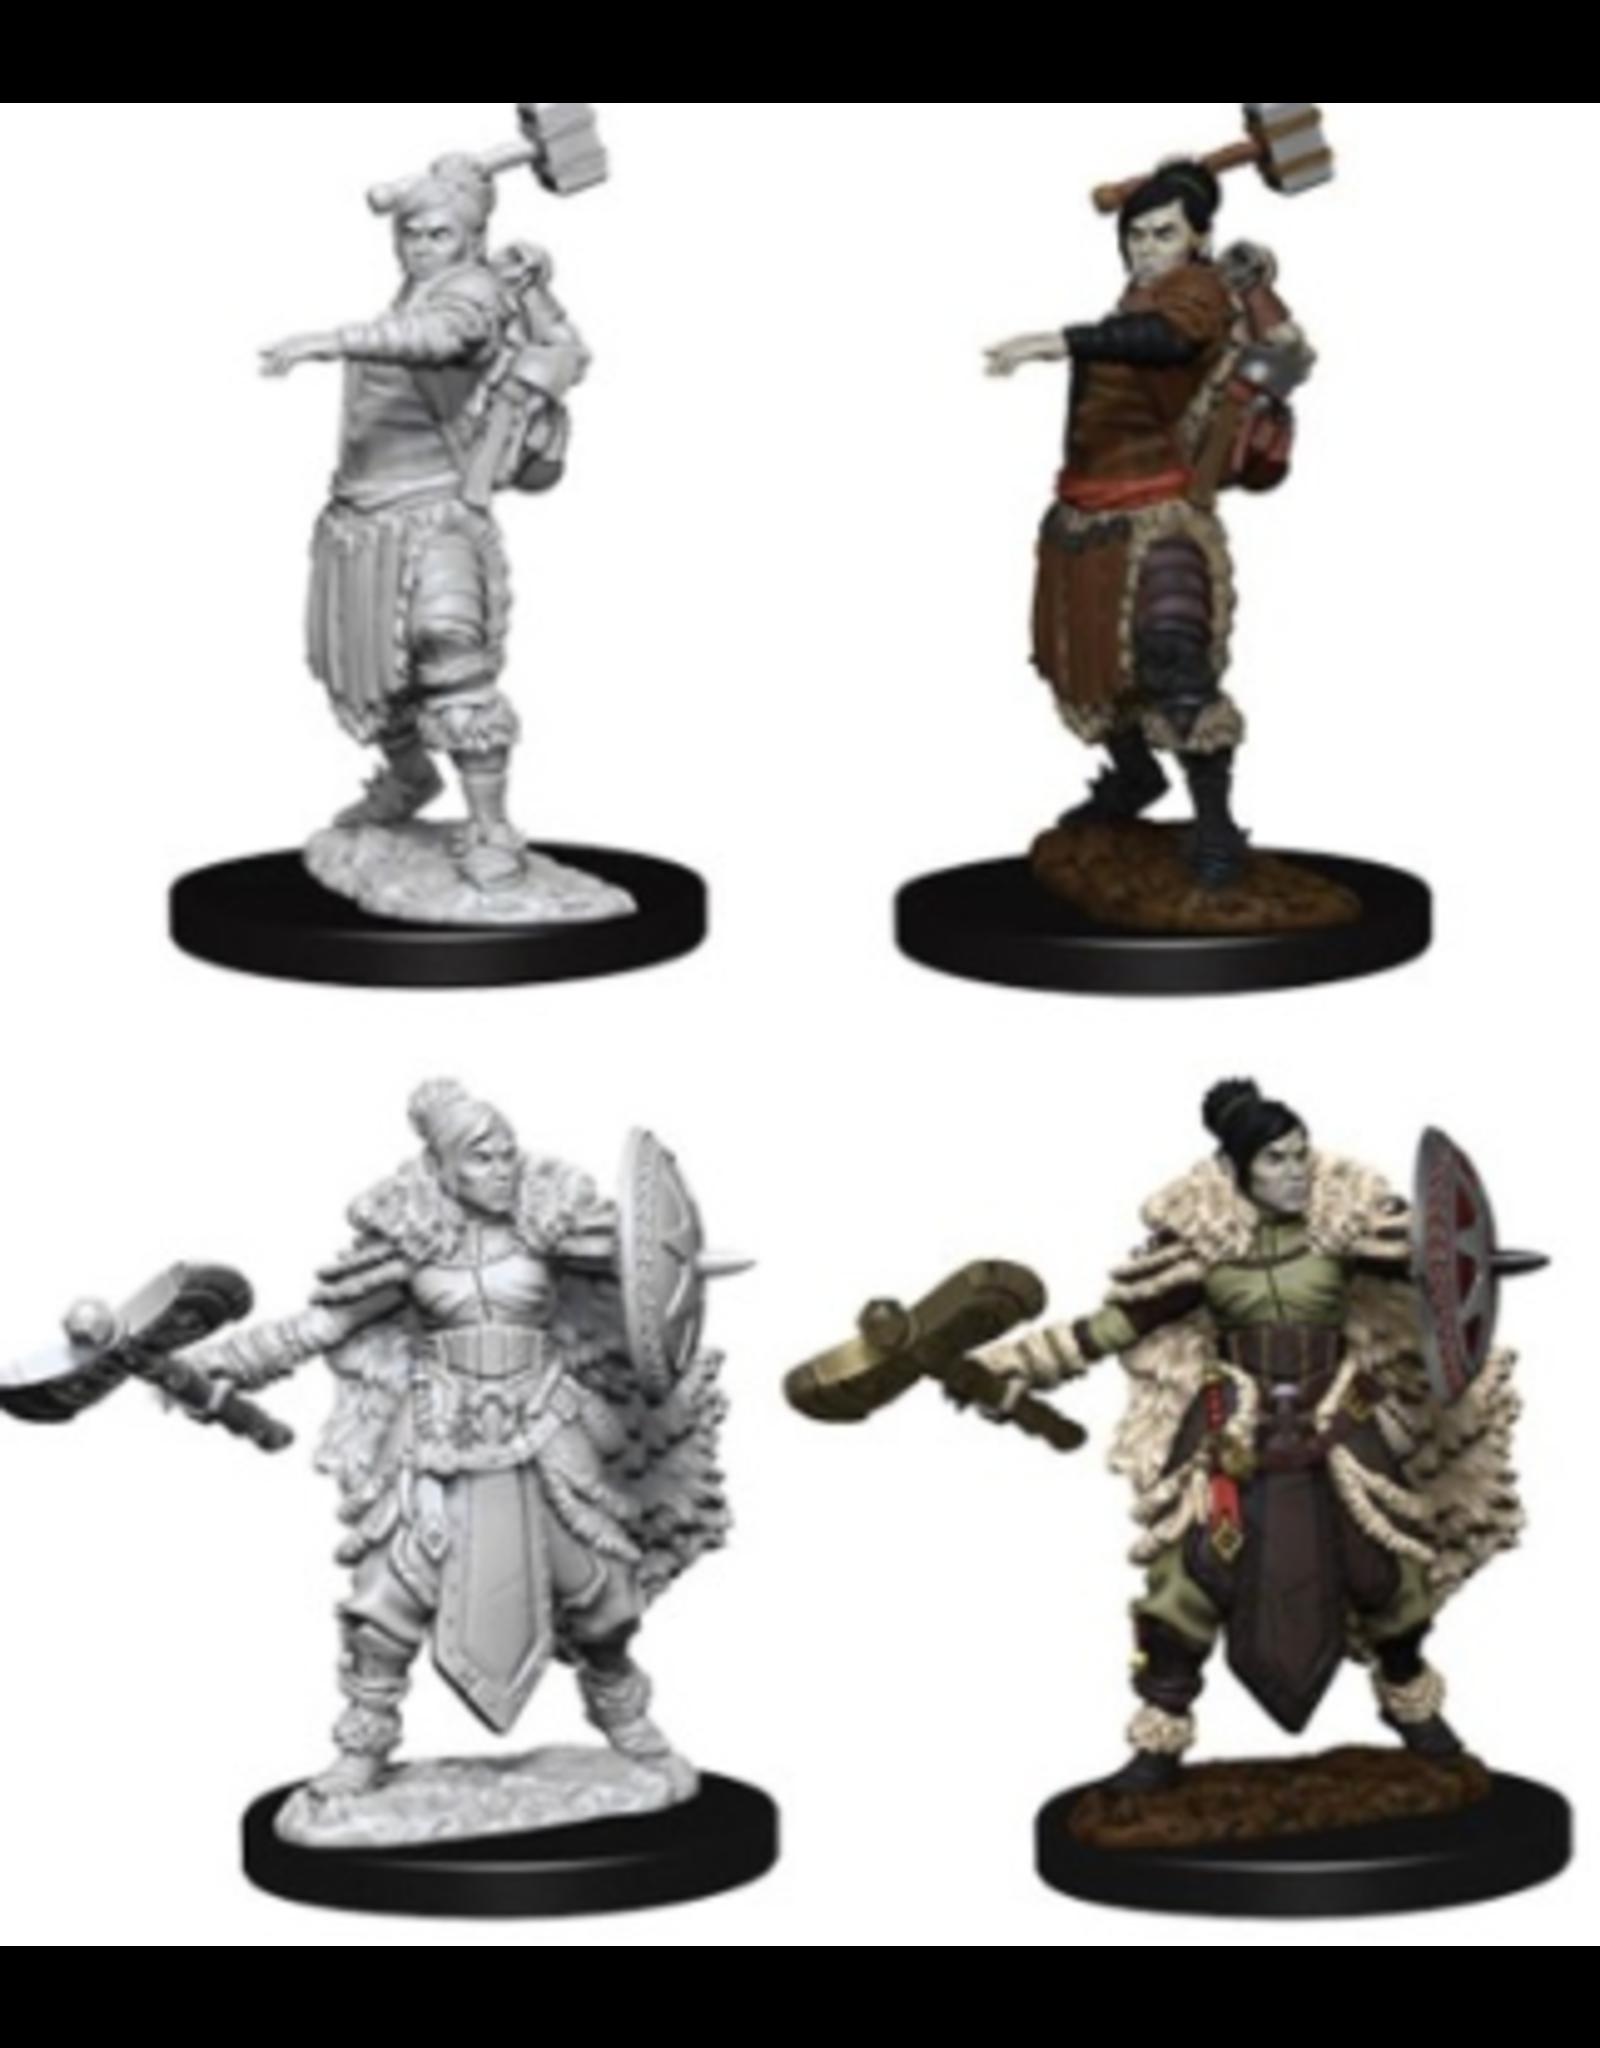 Wizkids W9 Female Half-Orc Barbarian: D&D Nolzurs Marvelous Unpainted Minis